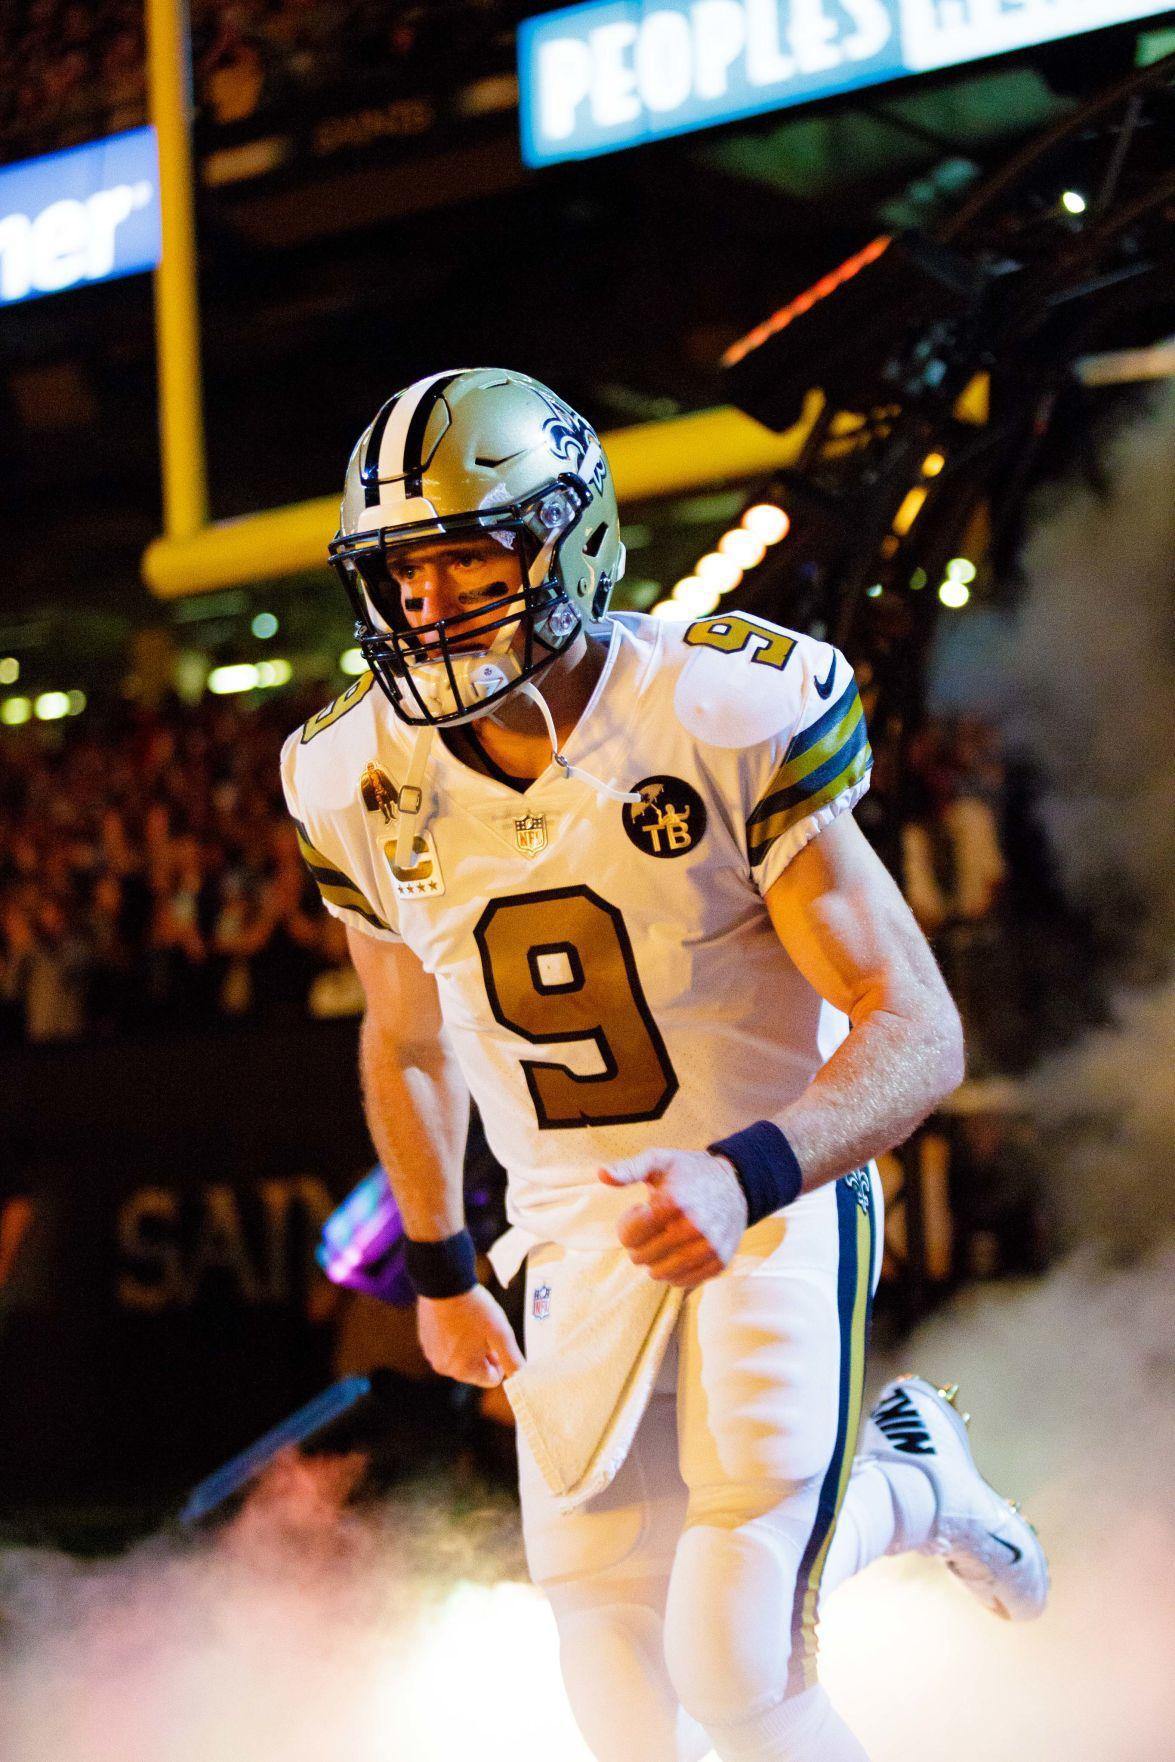 New Orleans Saints' color rush jerseys voted best uniform by fans ...